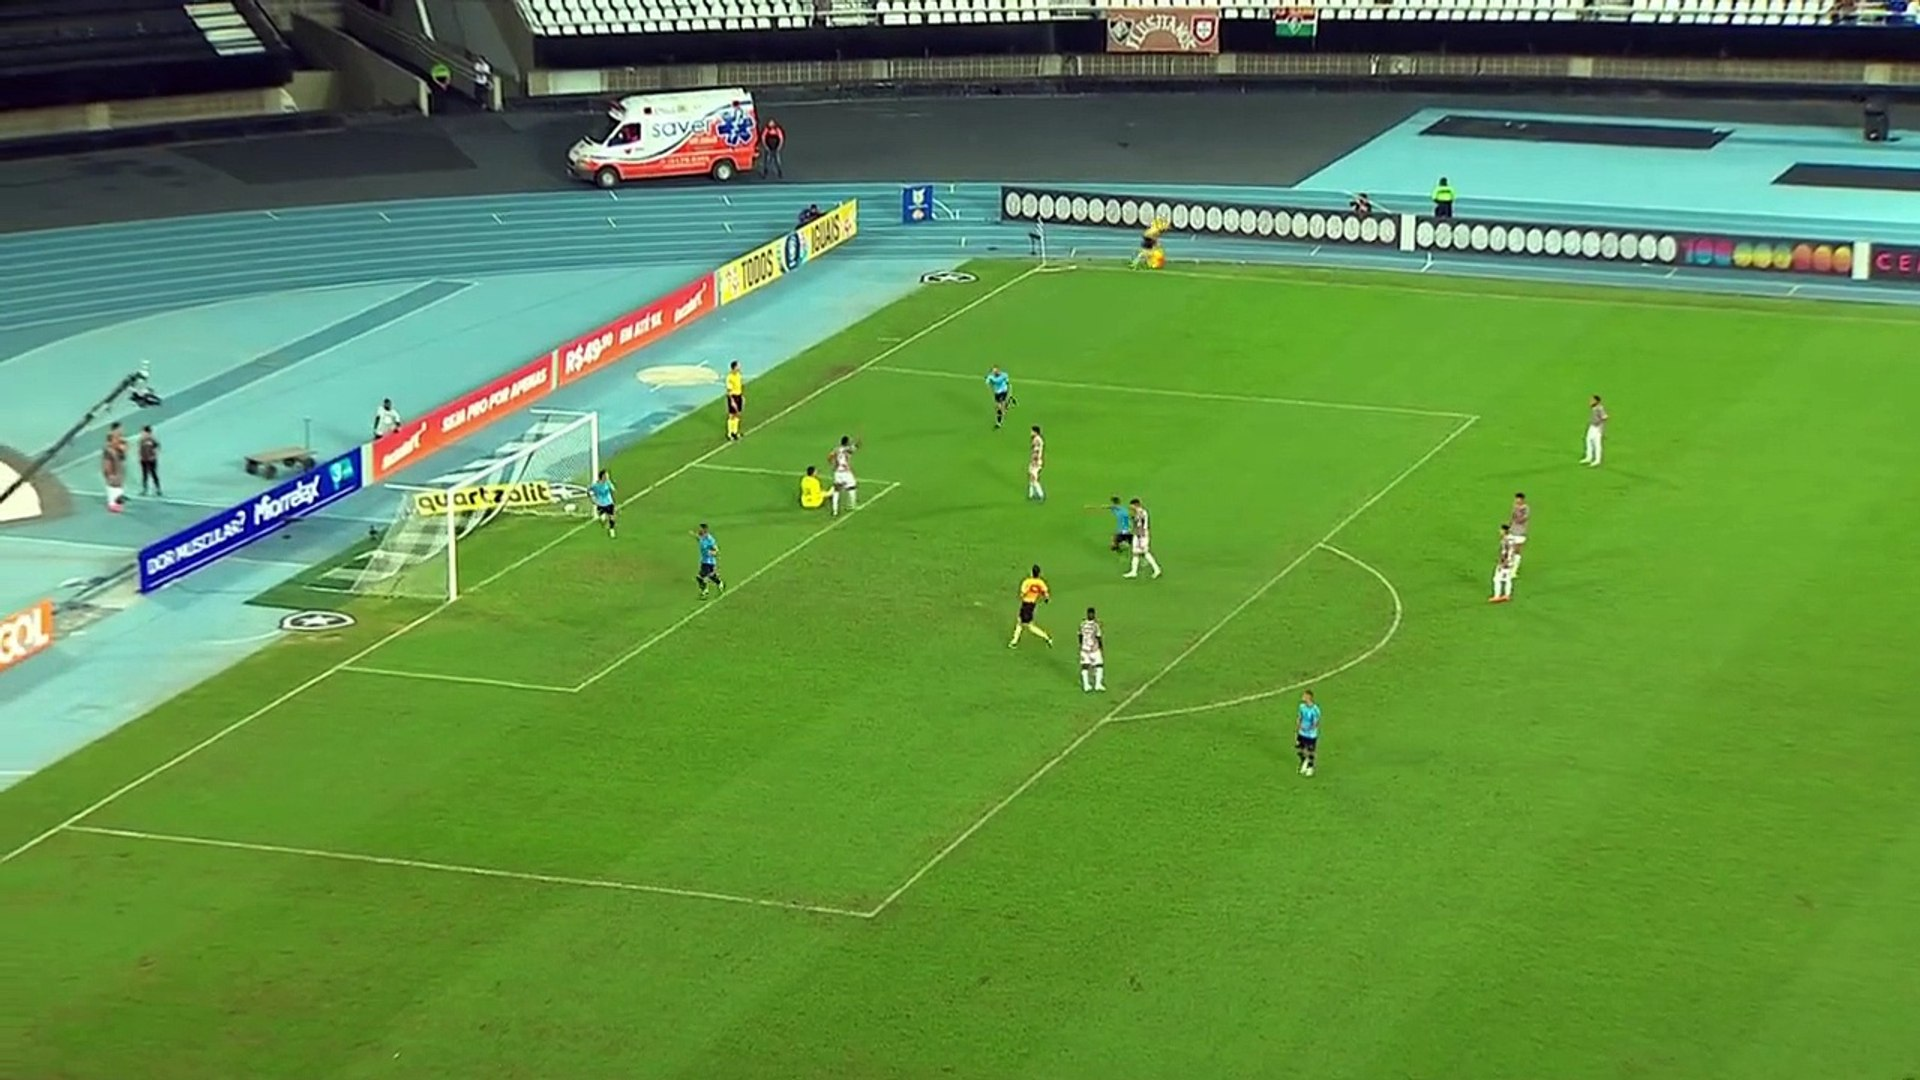 EVERTON do Grêmio marca GOLAÇO de calcanhar contra o Fluminense - Série A 2018